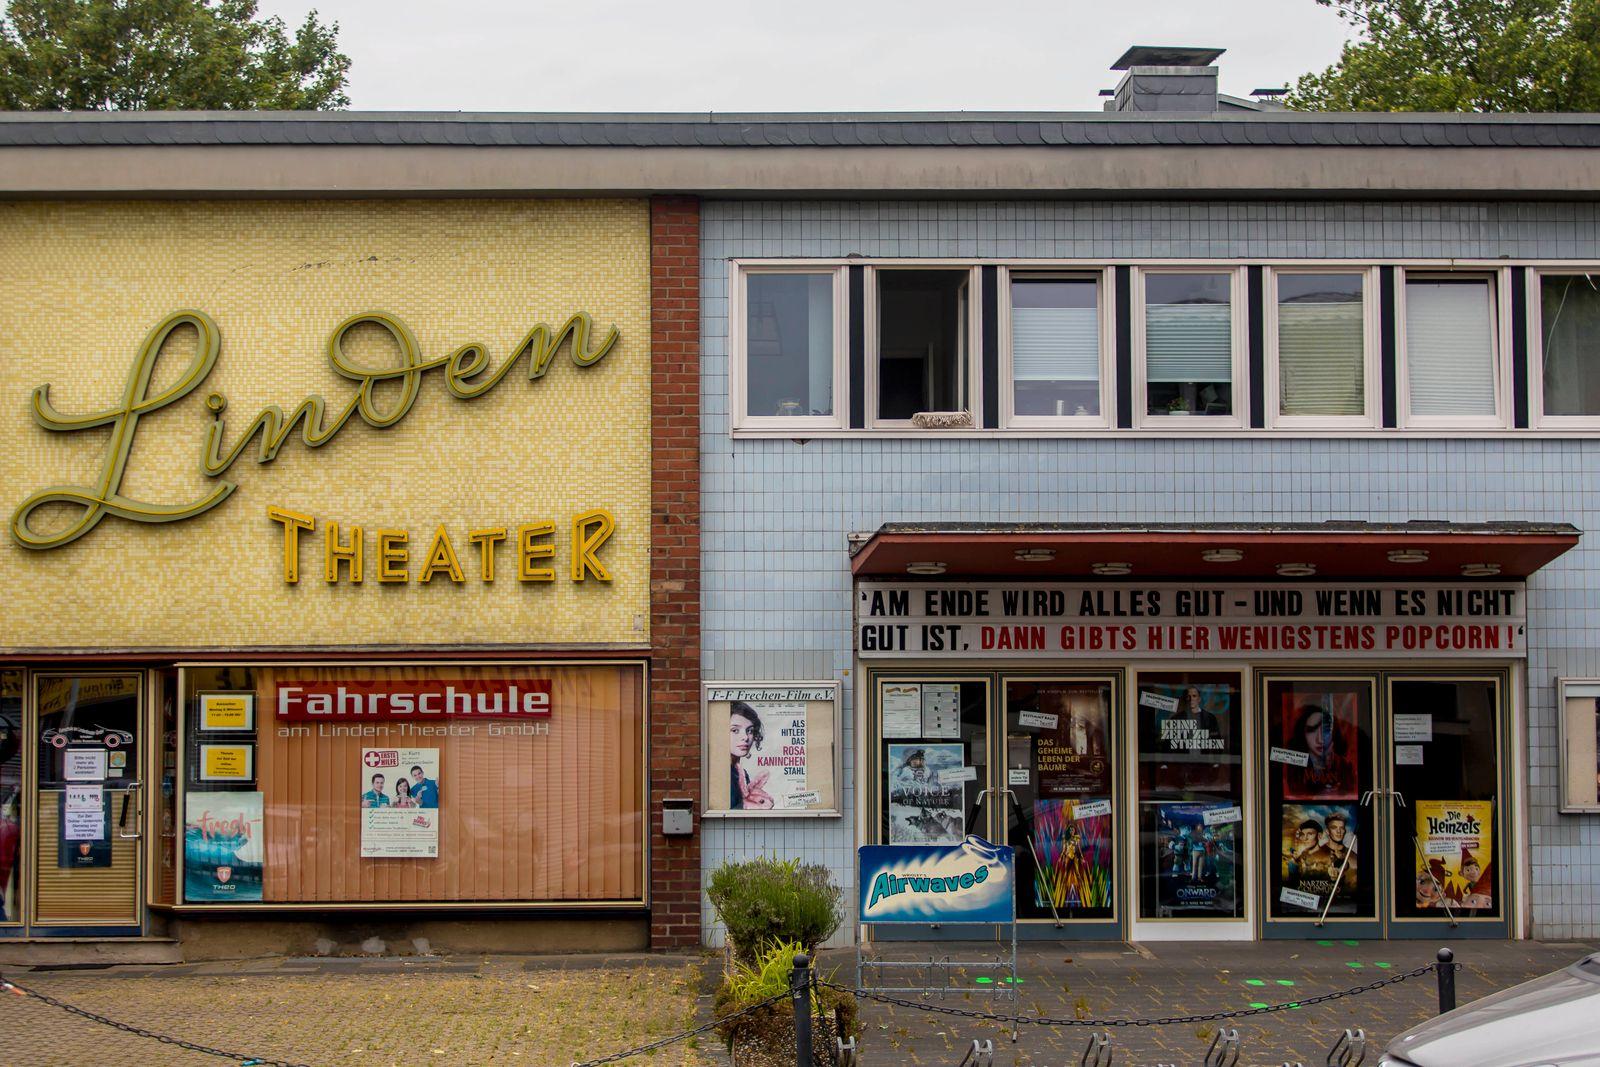 Das kleine Kino Linden-Theater in Frechen ( Rhein-Erft-Kreis / NRW ) ist derzeit wegen der Coronapandemie geschlossen. -